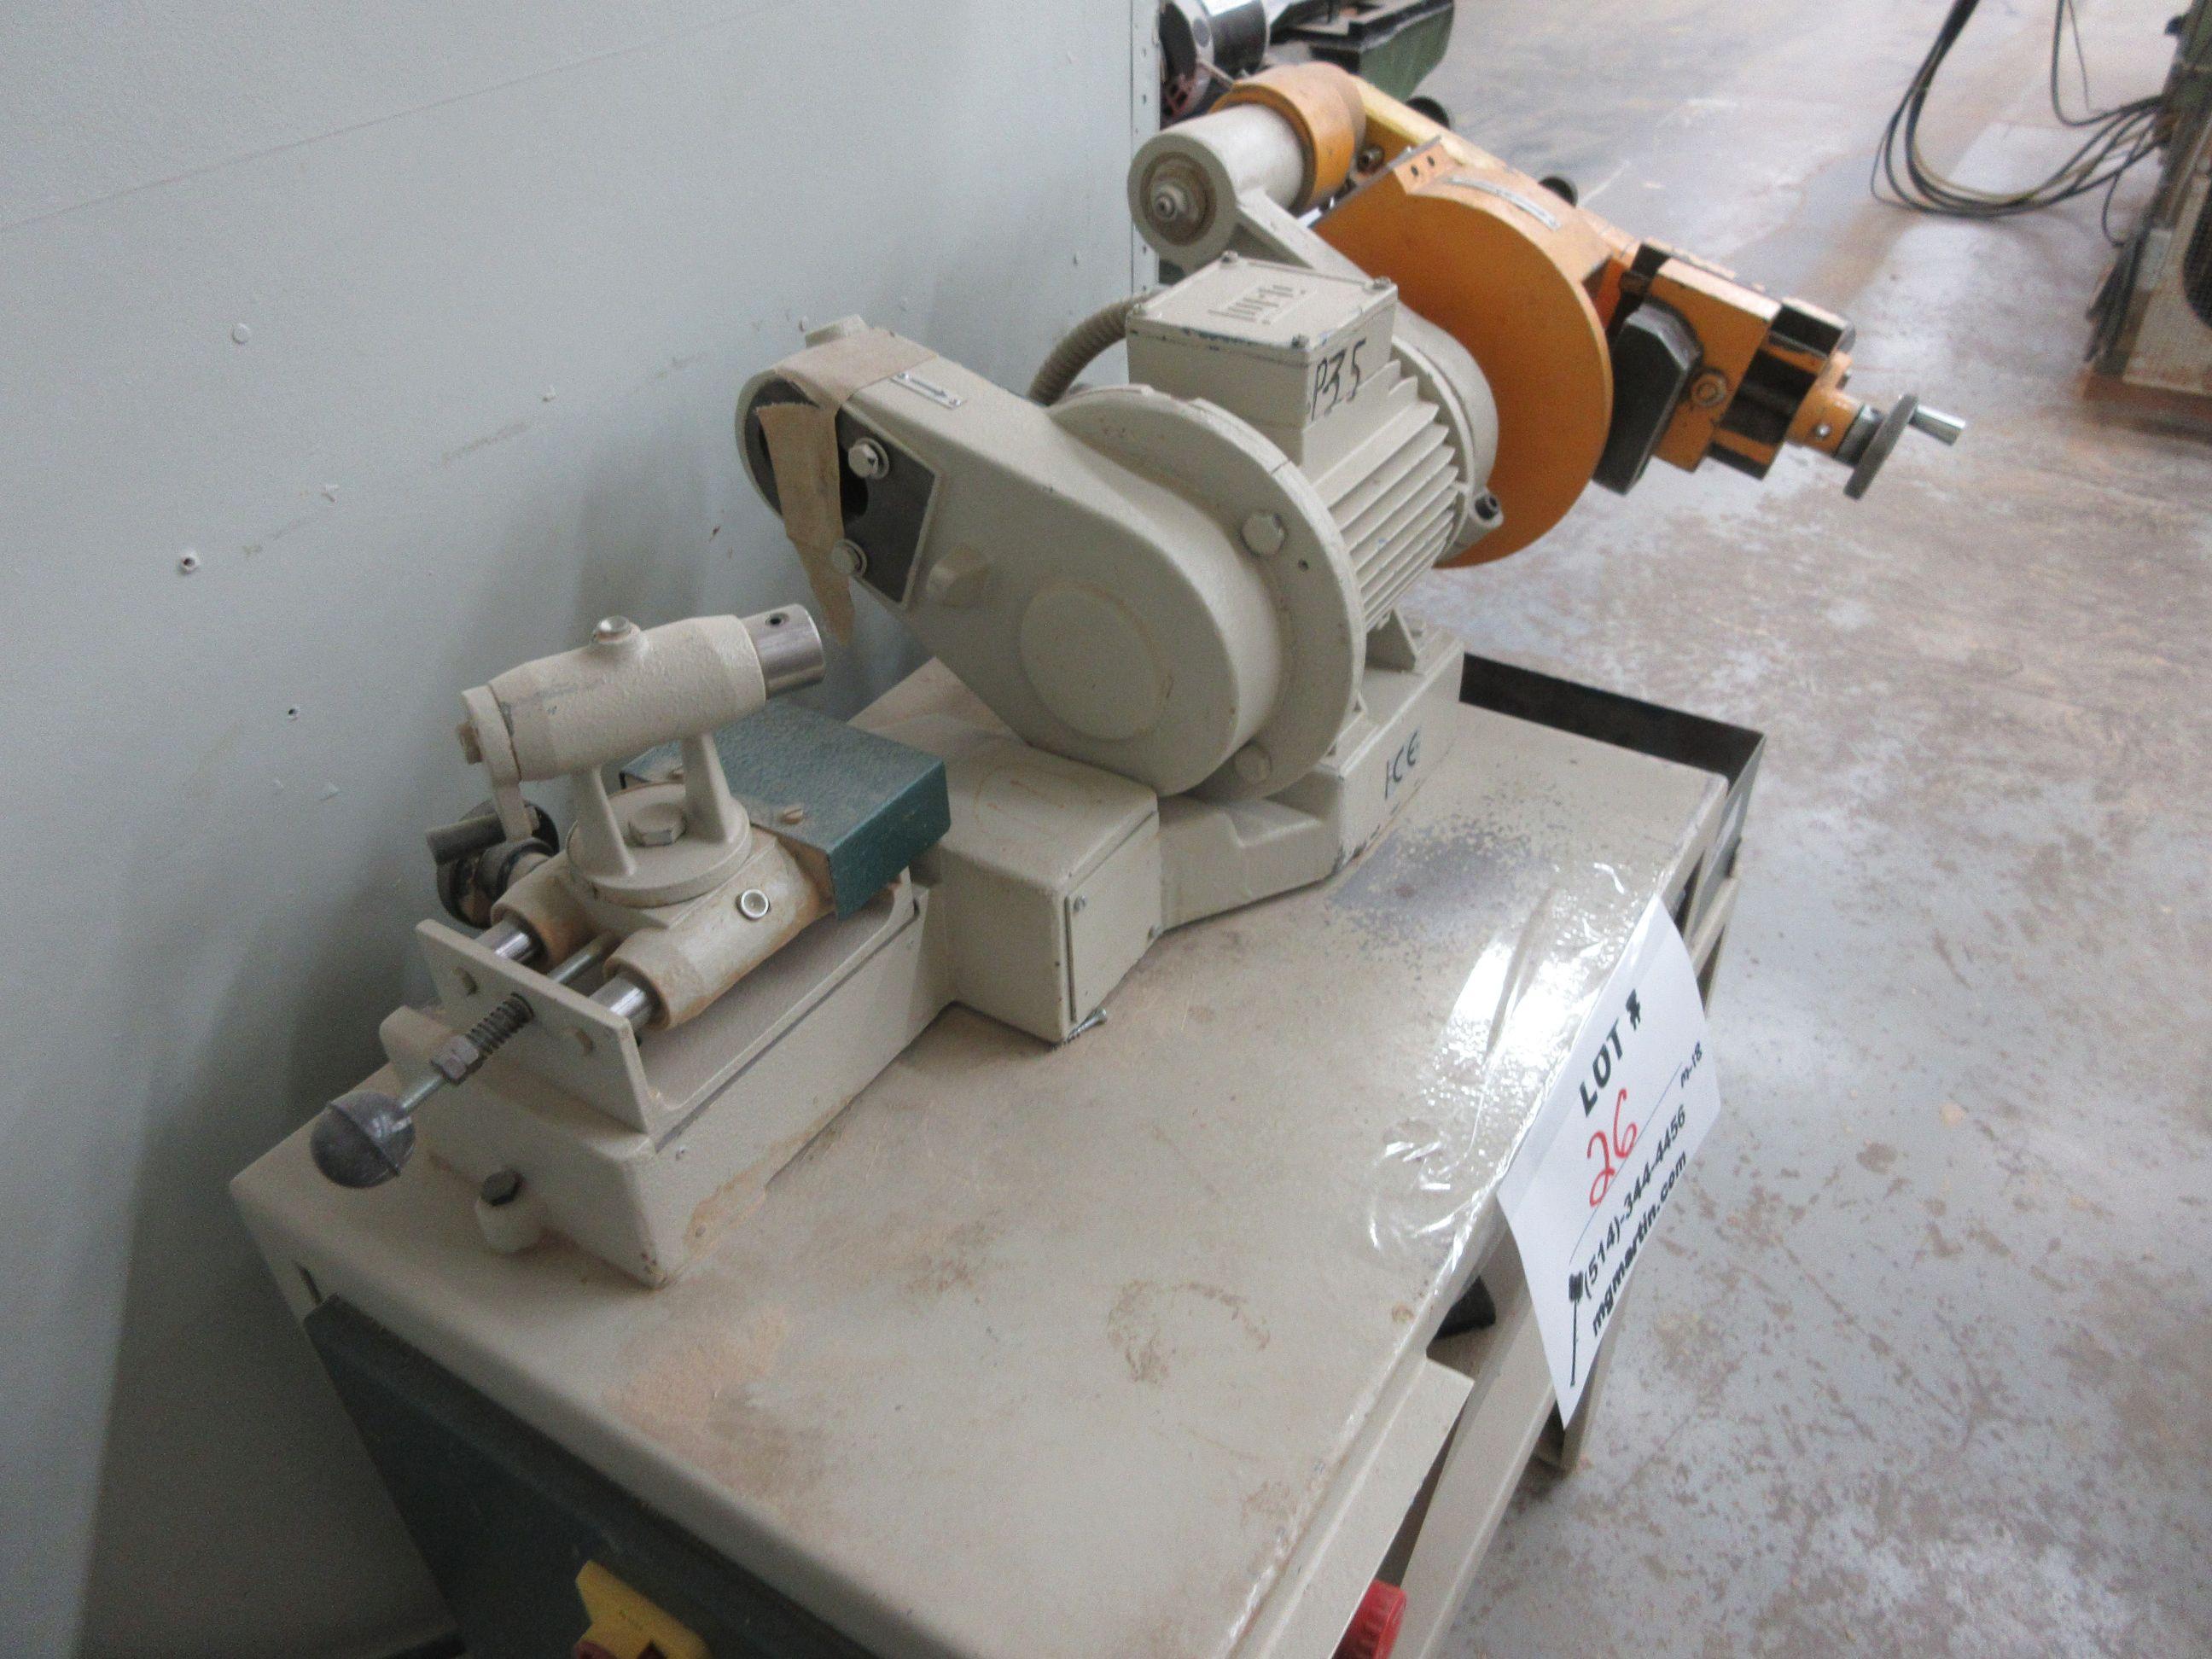 FRAMA grinder/sharpener, Mod: ATC, 600 volts - Image 6 of 6